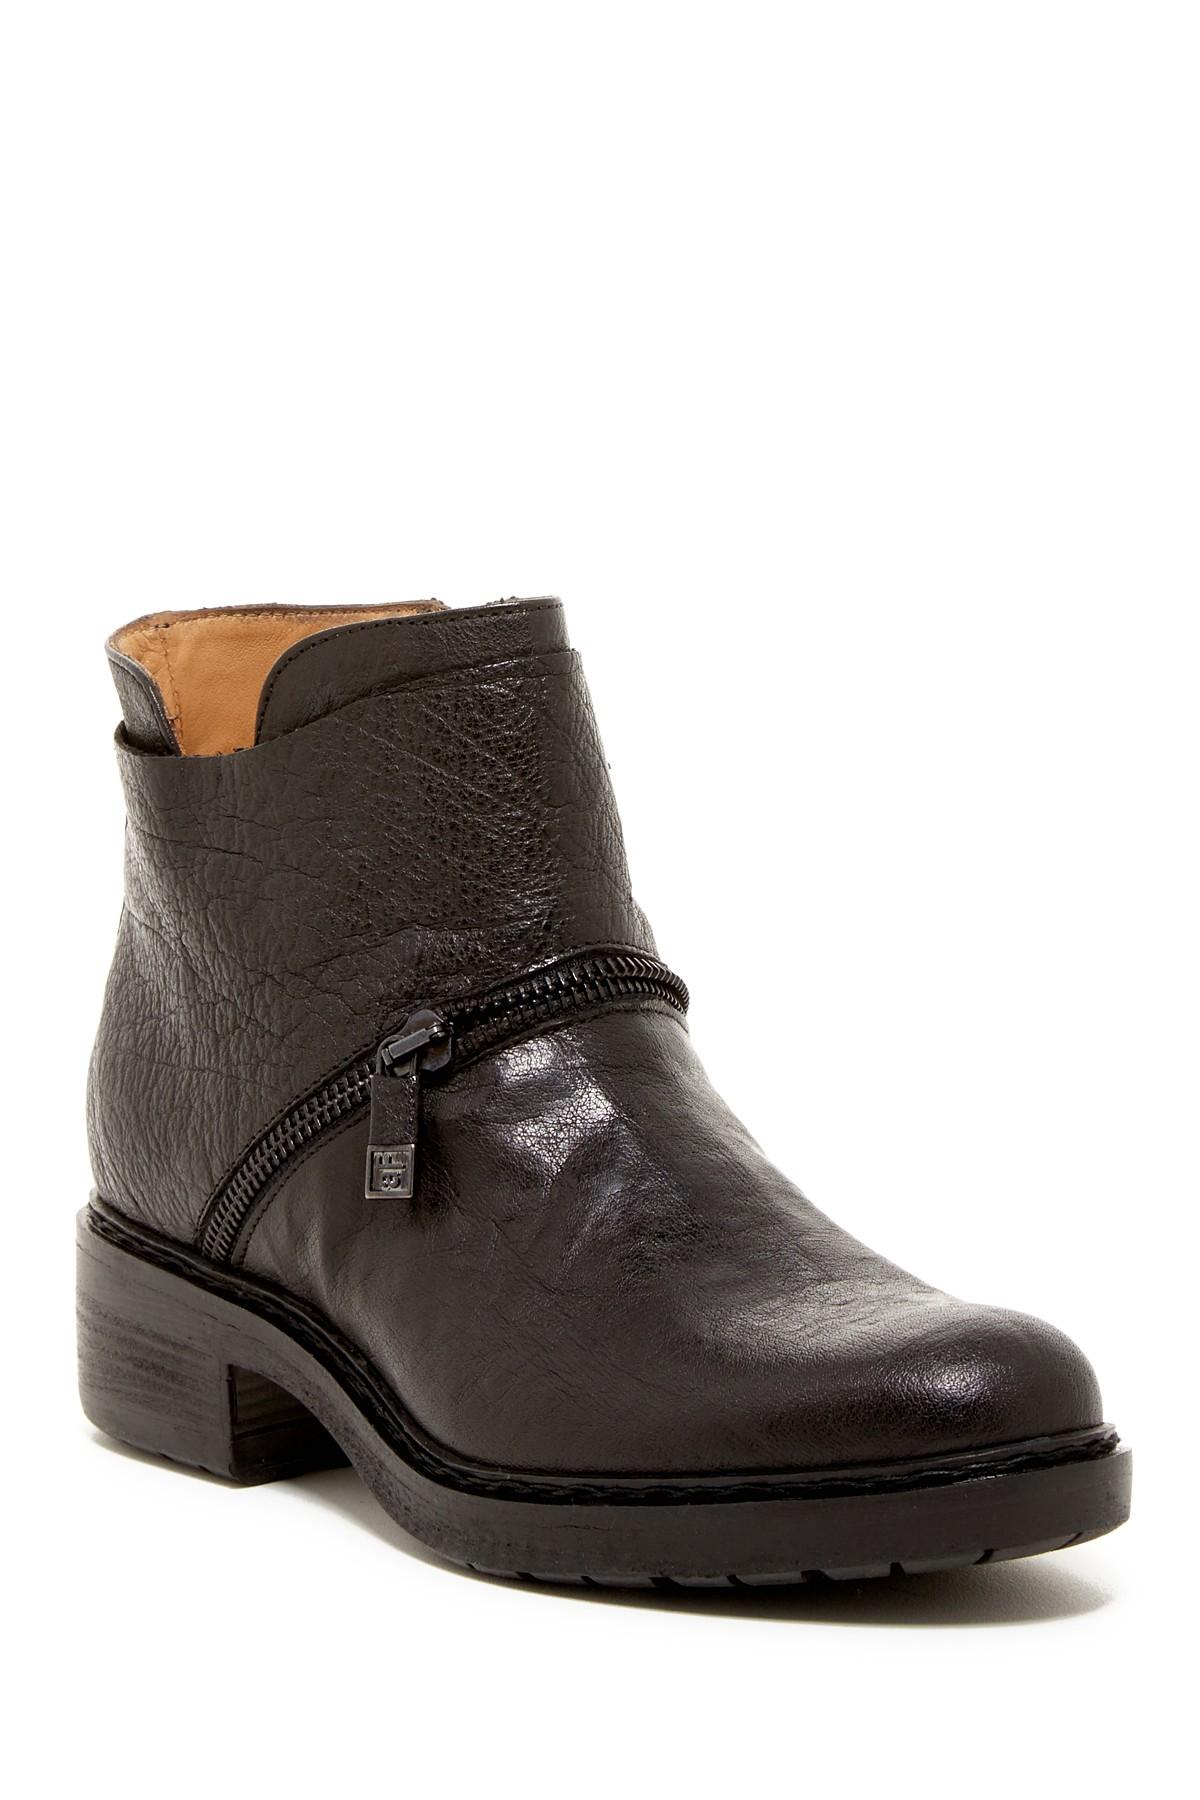 Alberto fermani Greca Ankle Boot in Black